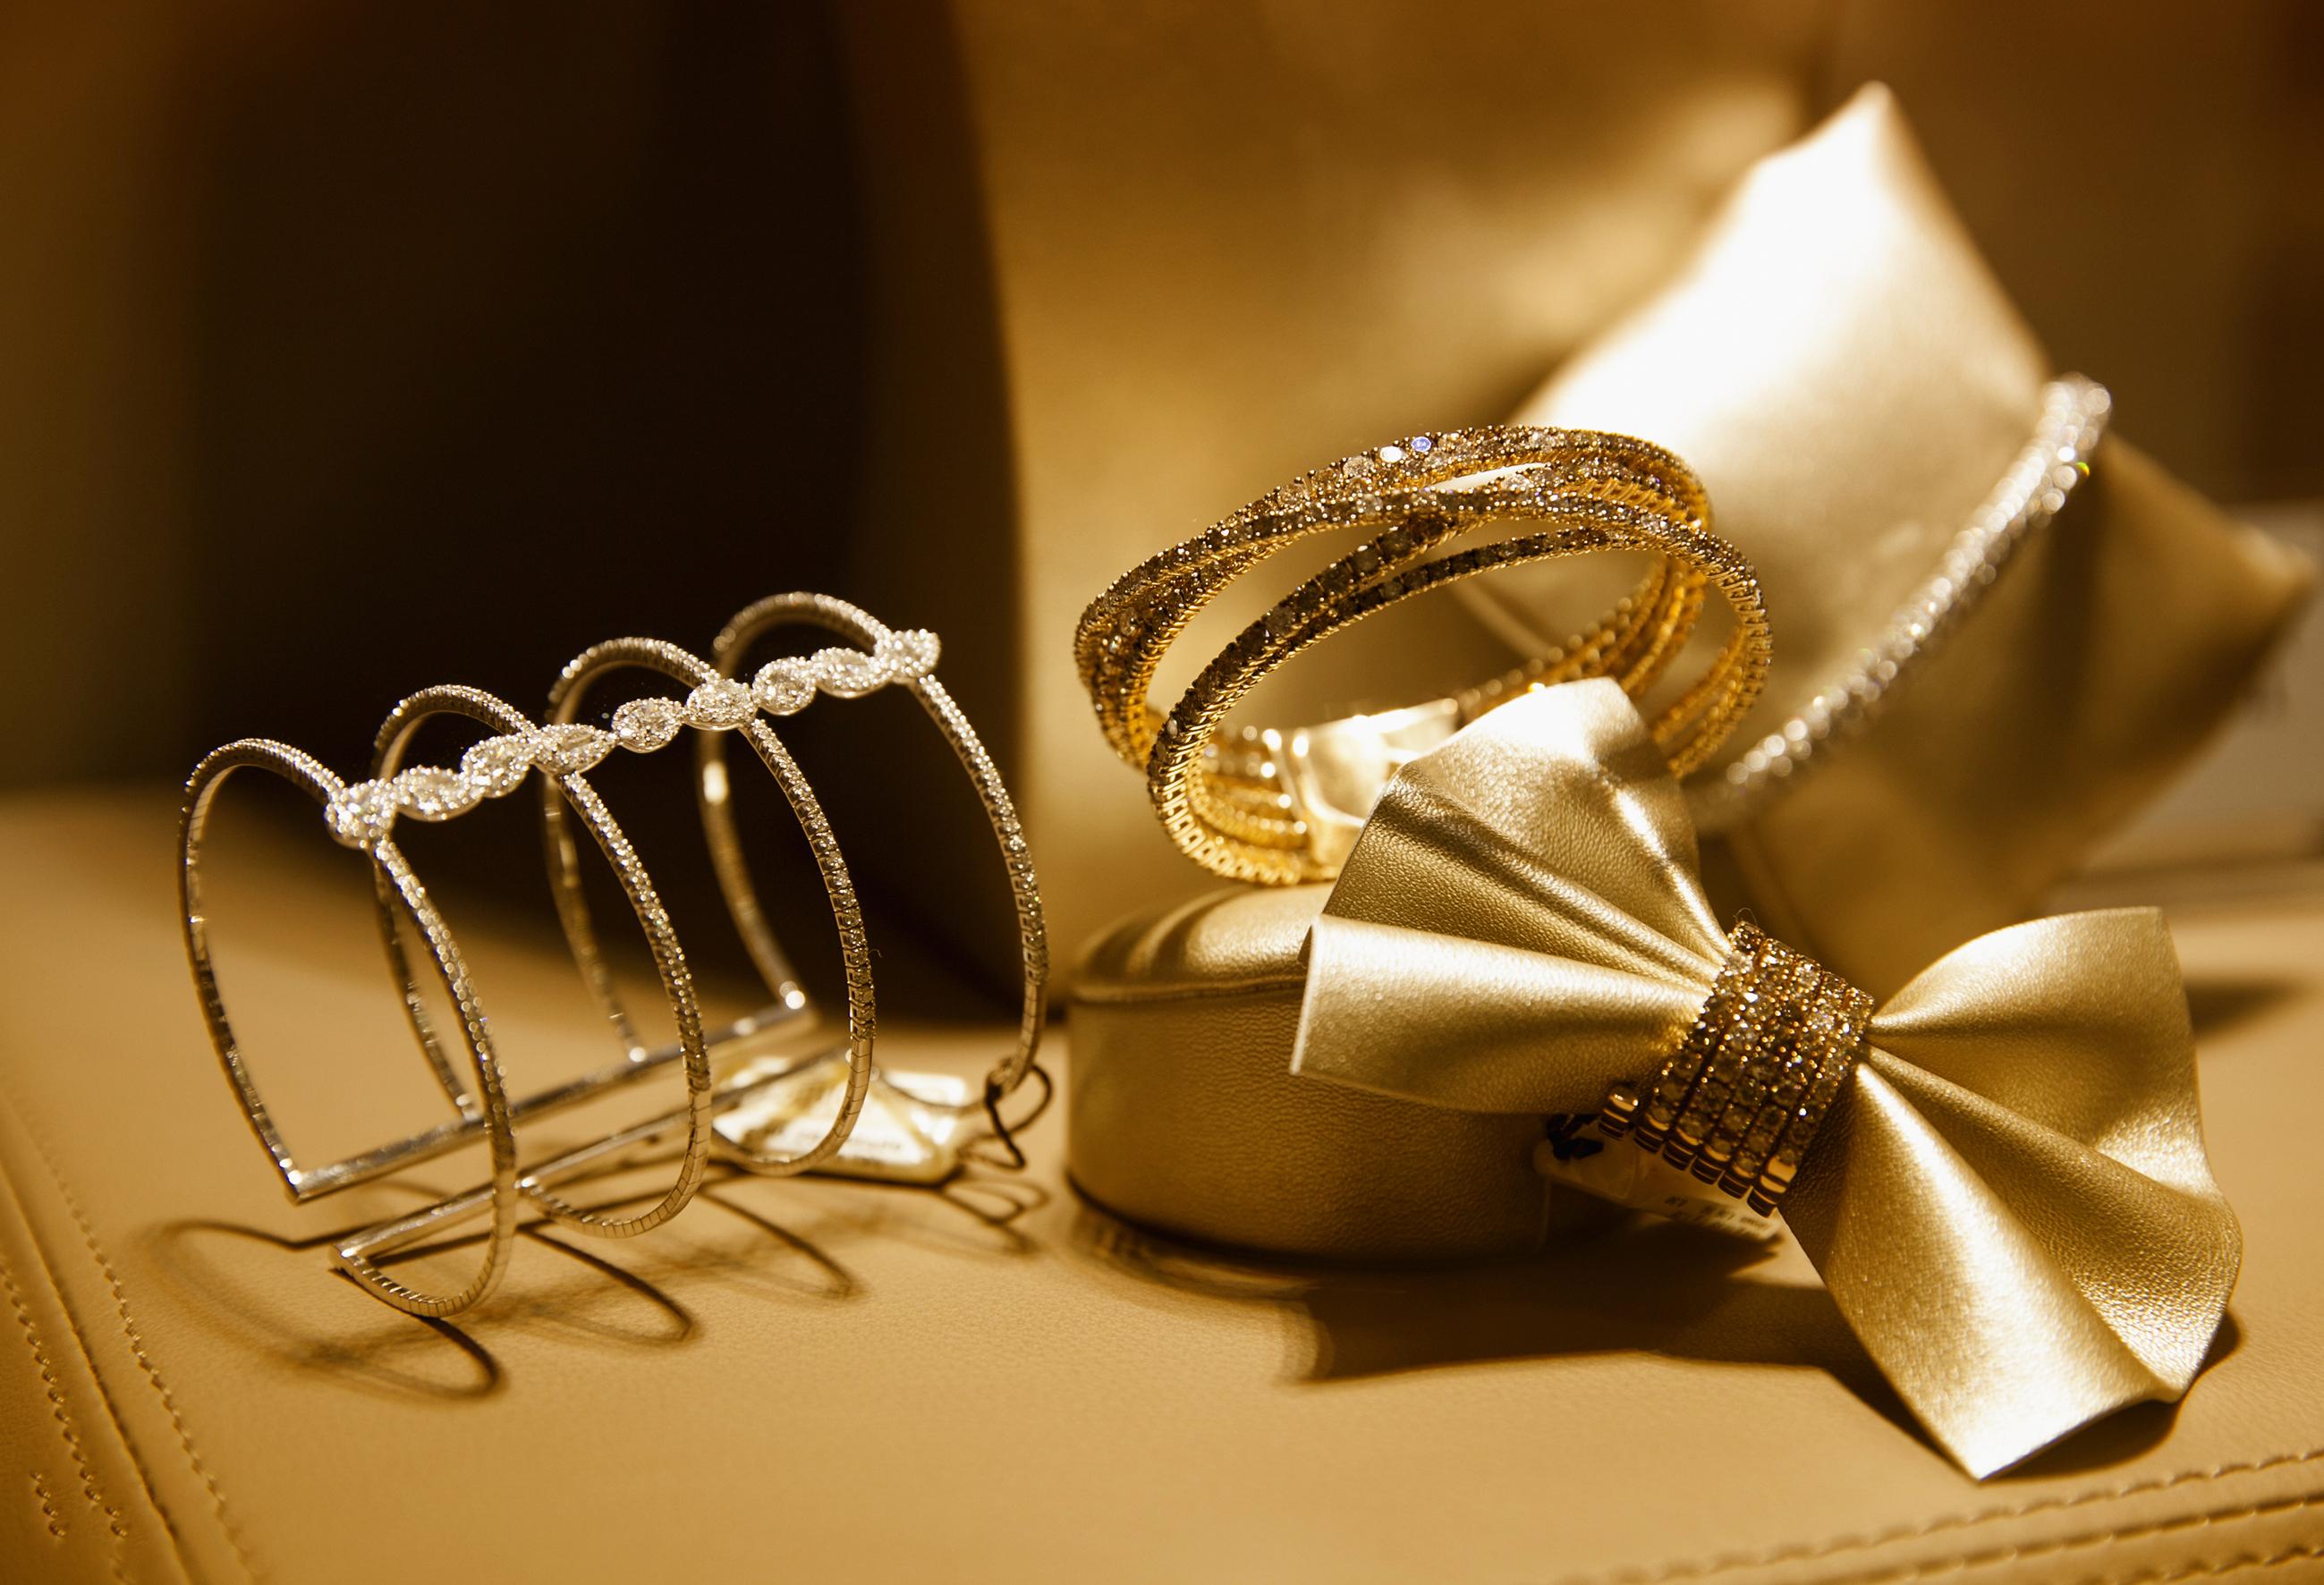 gioielleria faugiana esposizione